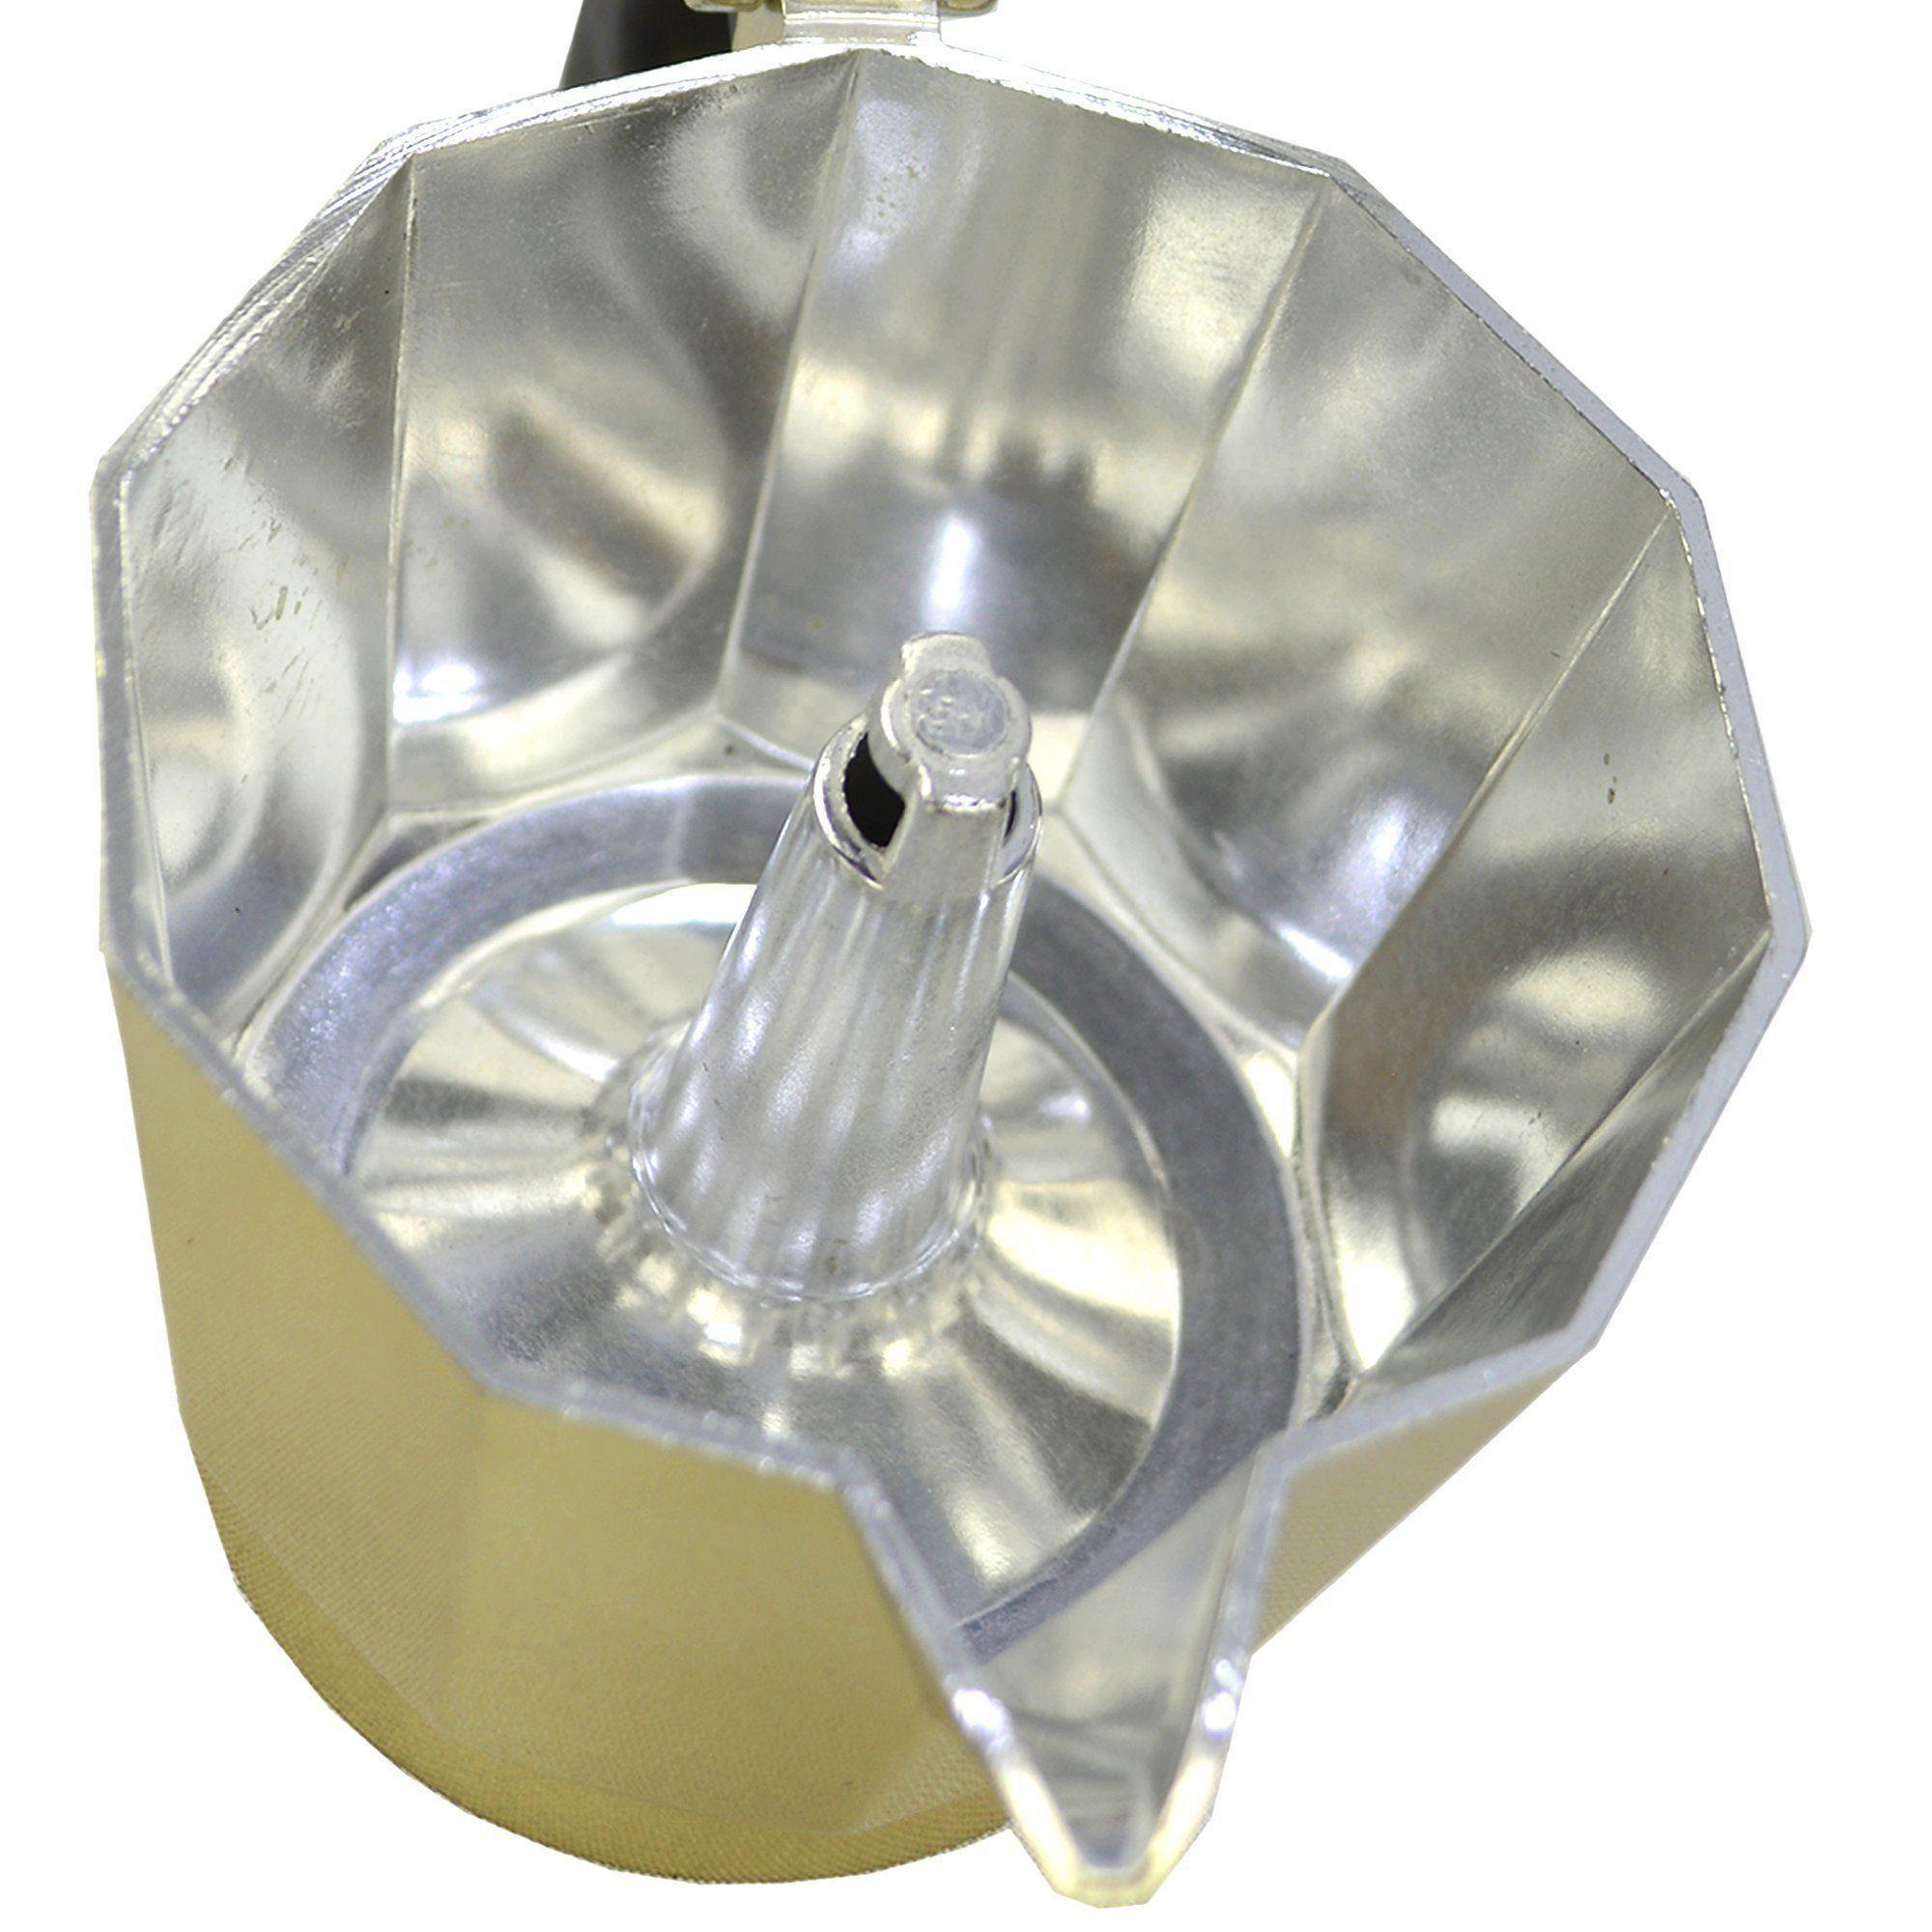 Cafeteira Italiana de Alumínio 9 Xícaras Dourado CBRN08971